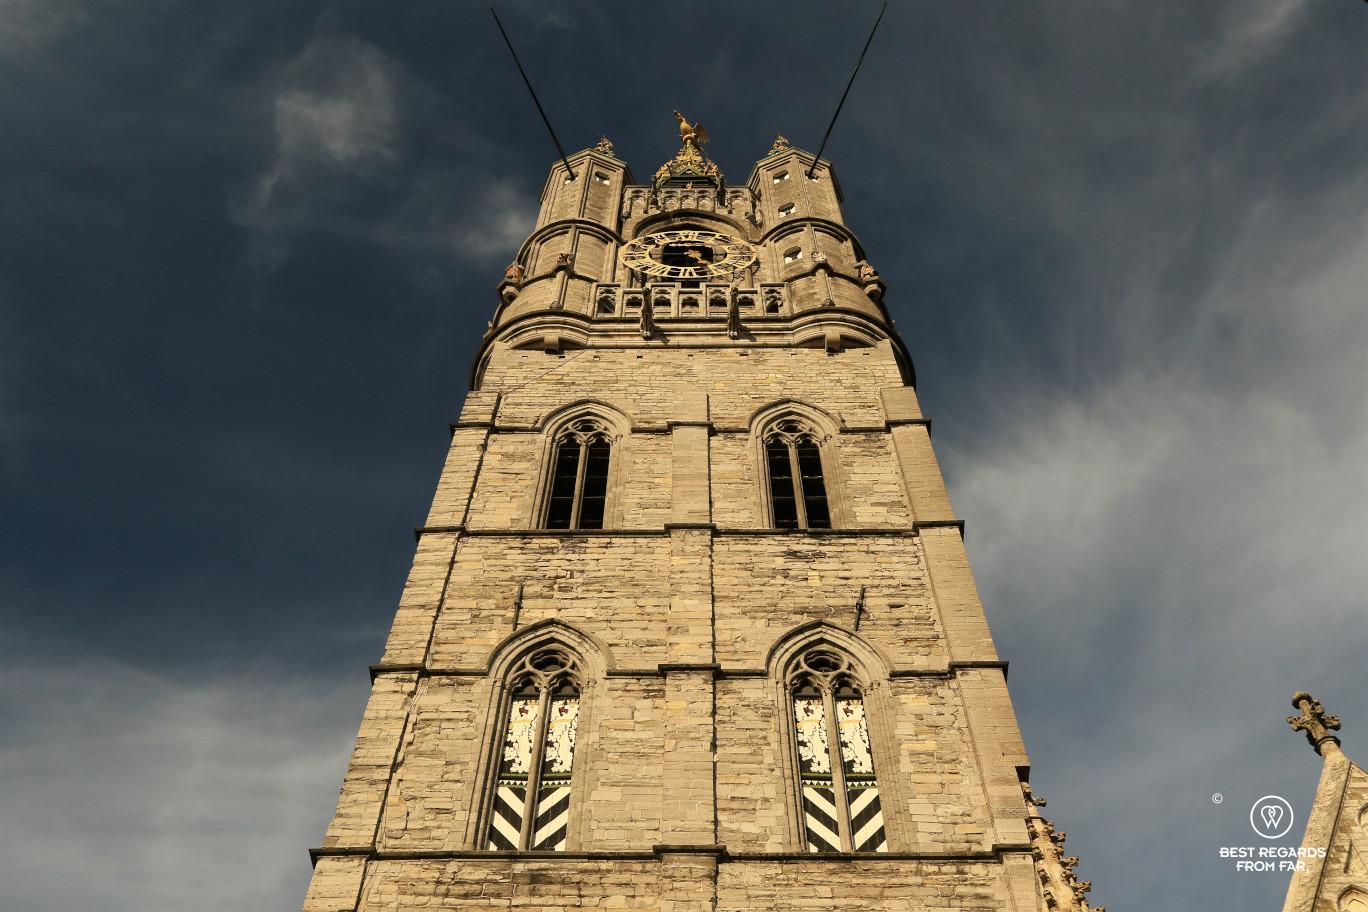 The Ghent Belfry, Belgium